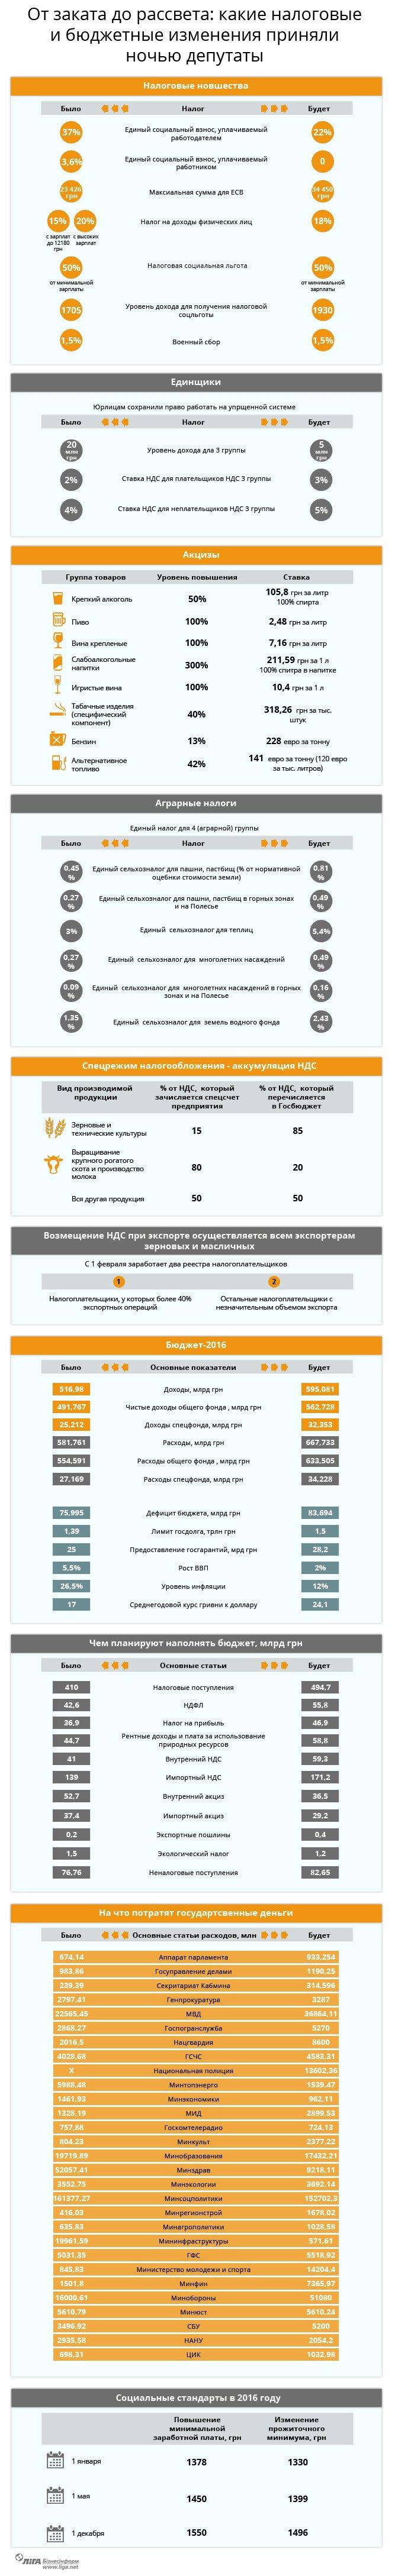 Инфографика: Госбюджет и налоги-2016: все ключевые показатели и новшества (фото) - фото 1